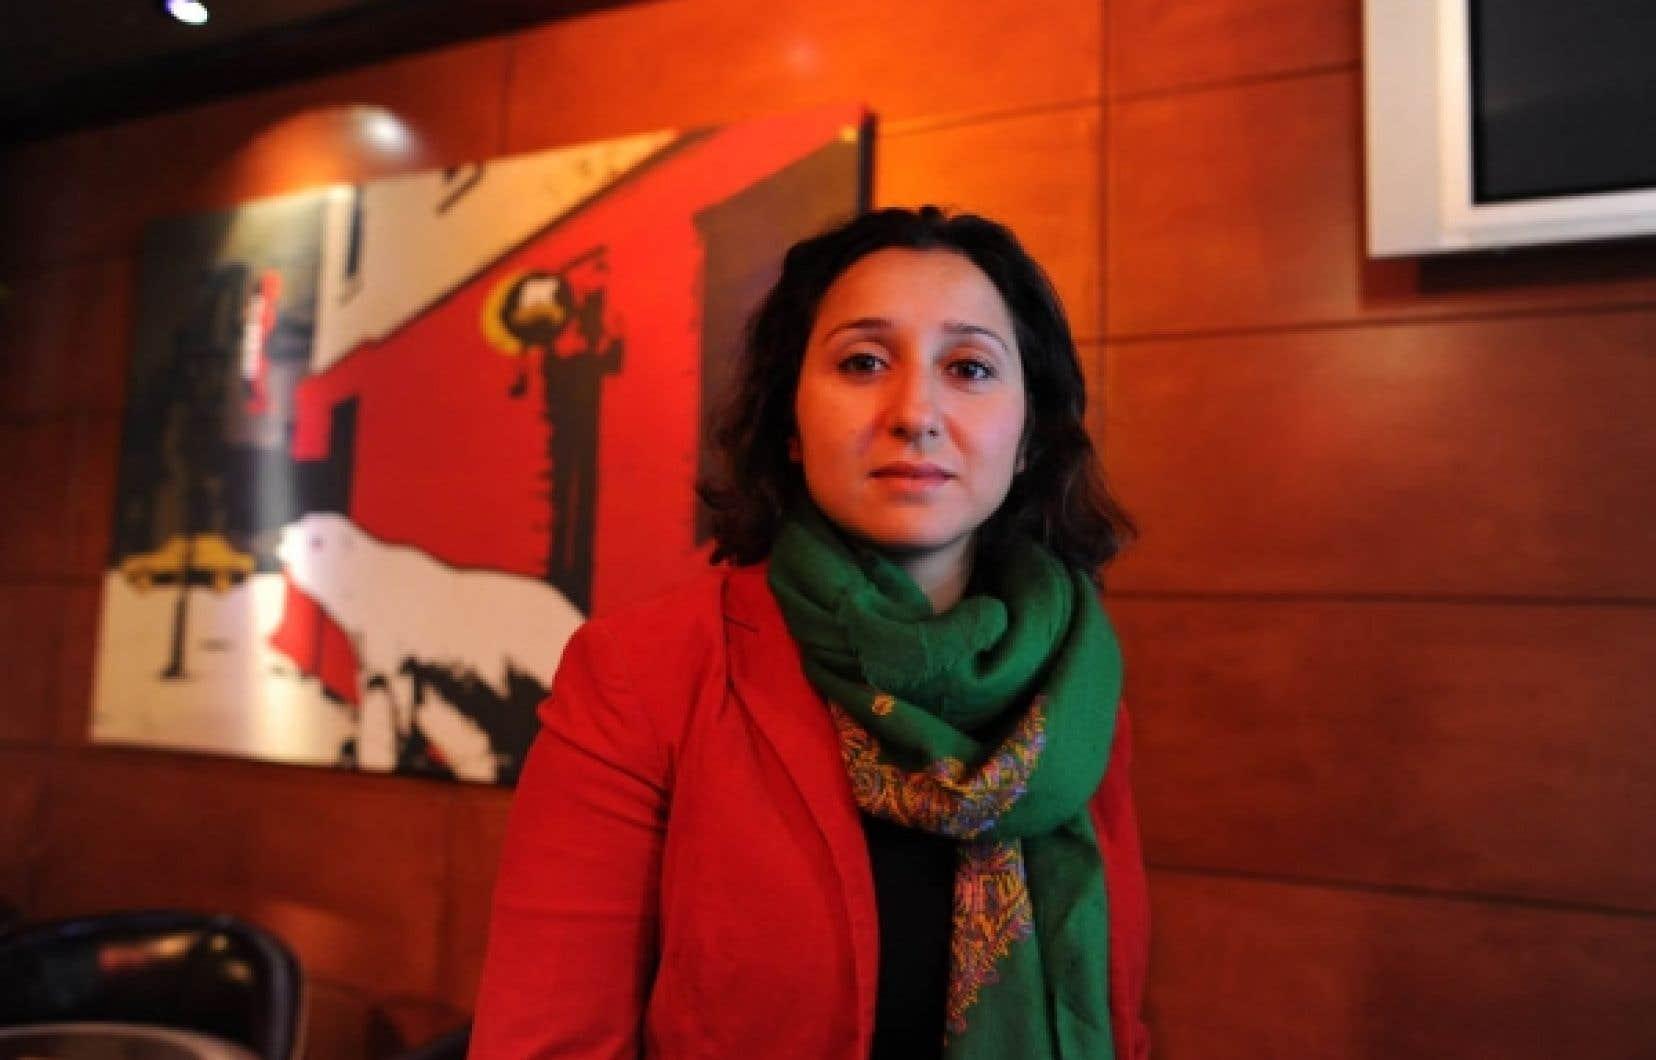 Sihem Habchi, présidente de l'association française féministe Ni putes ni soumises, était de passage à Montréal hier.